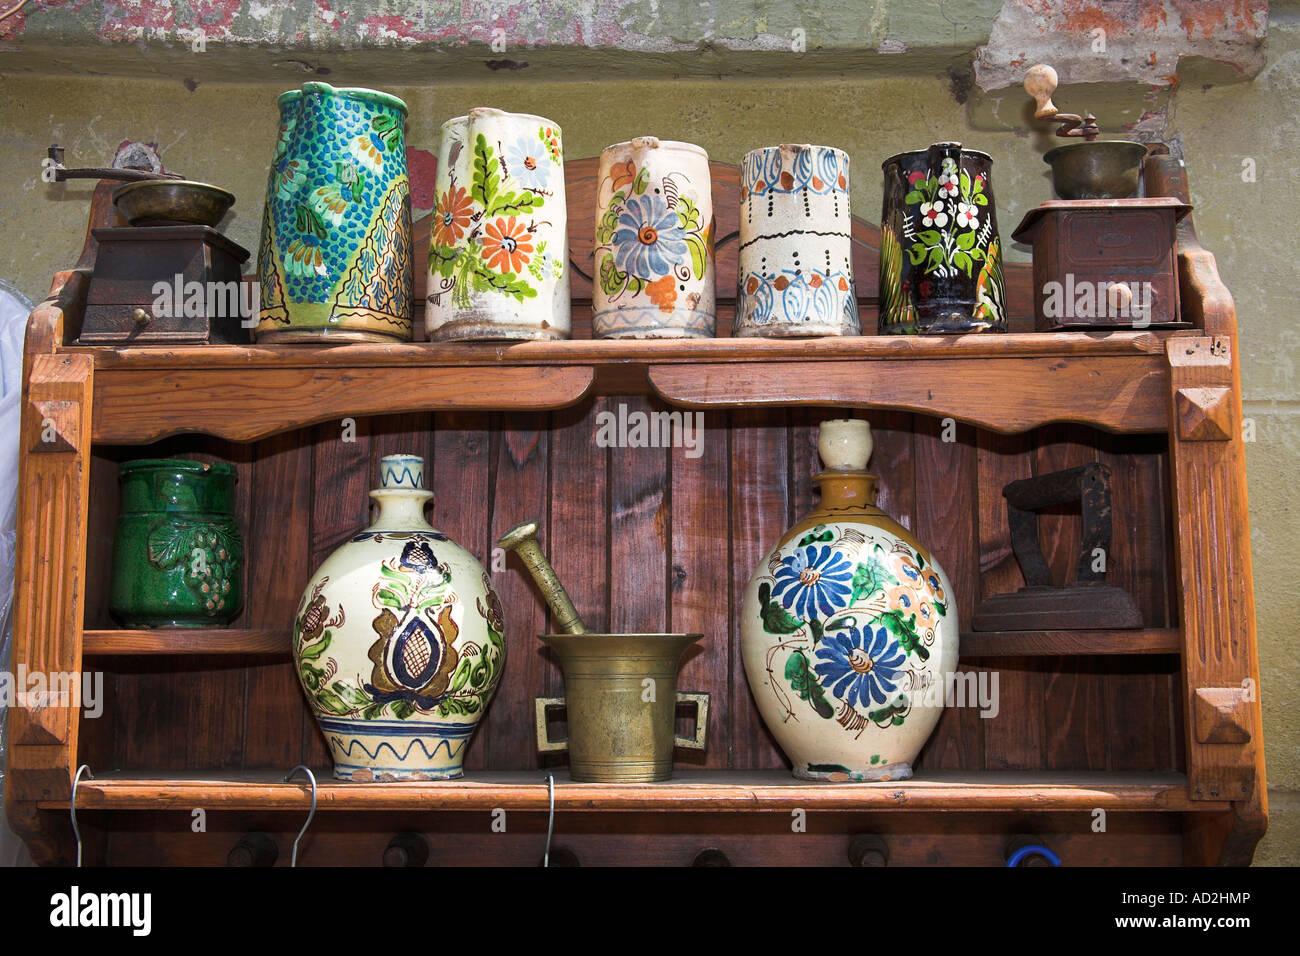 Oggetti Antichi In Vendita.Antichi Oggetti In Ceramica Per La Vendita Su Scaffalatura